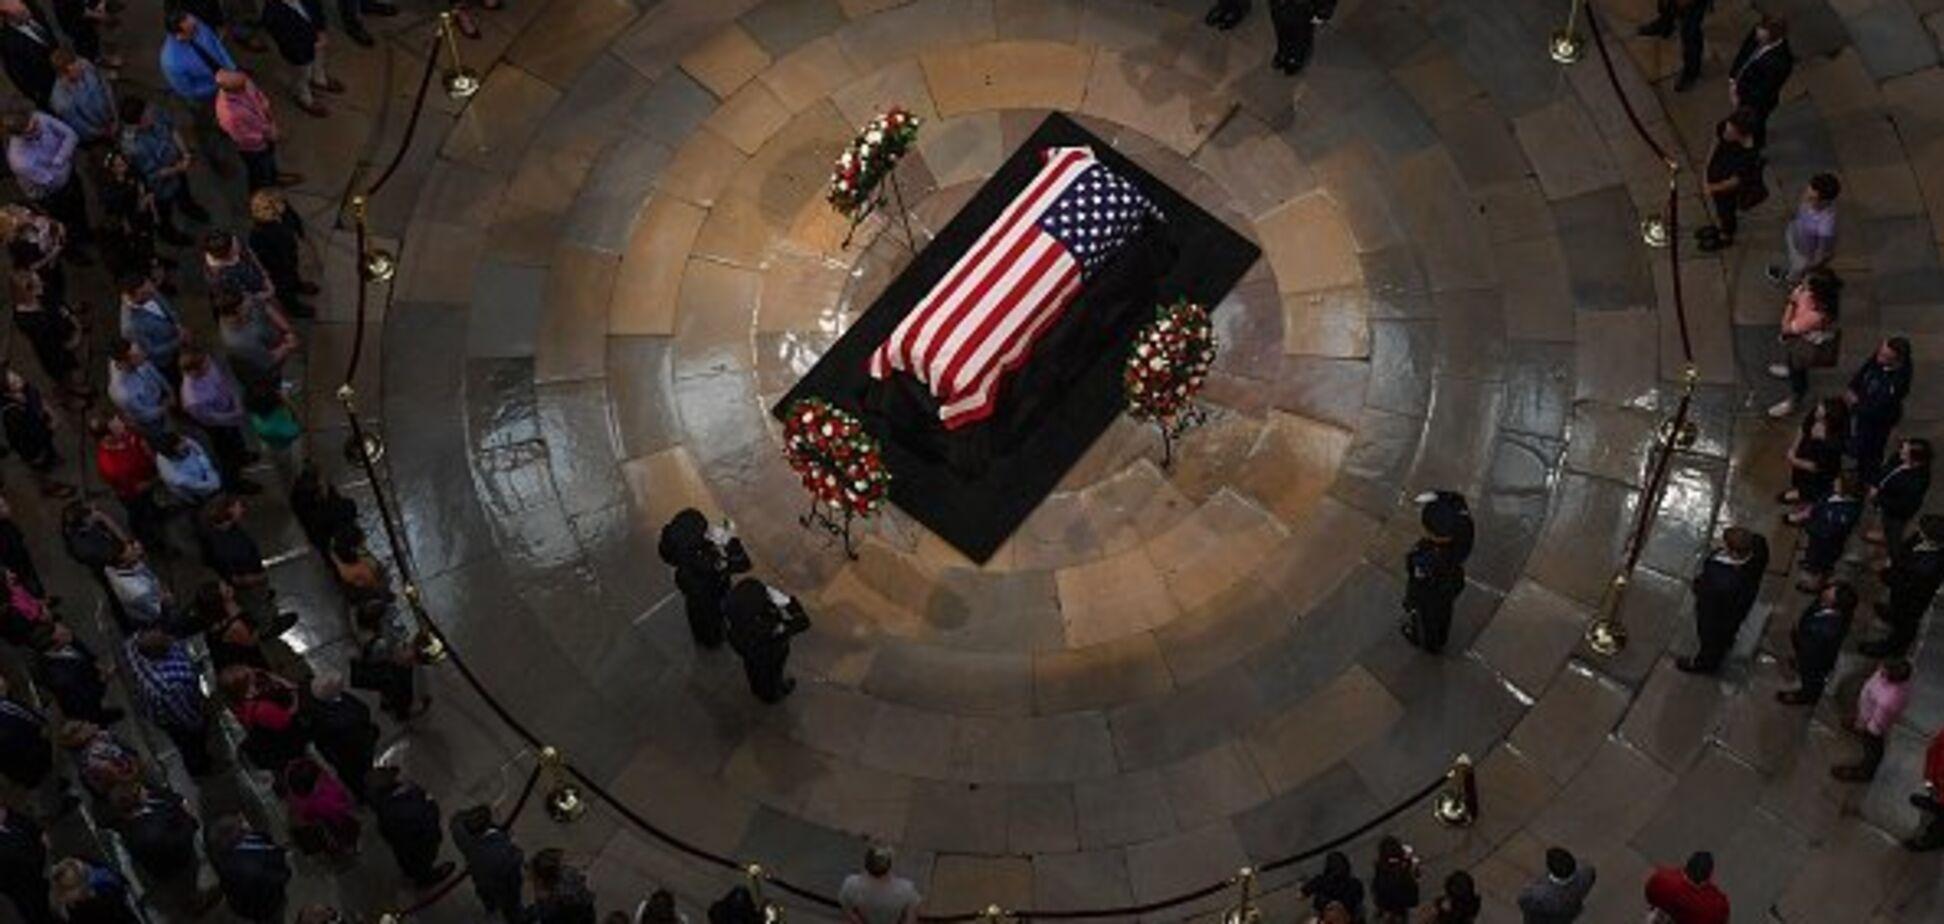 'Так виглядає еліта': сім'я Маккейна вразила поведінкою на похоронах